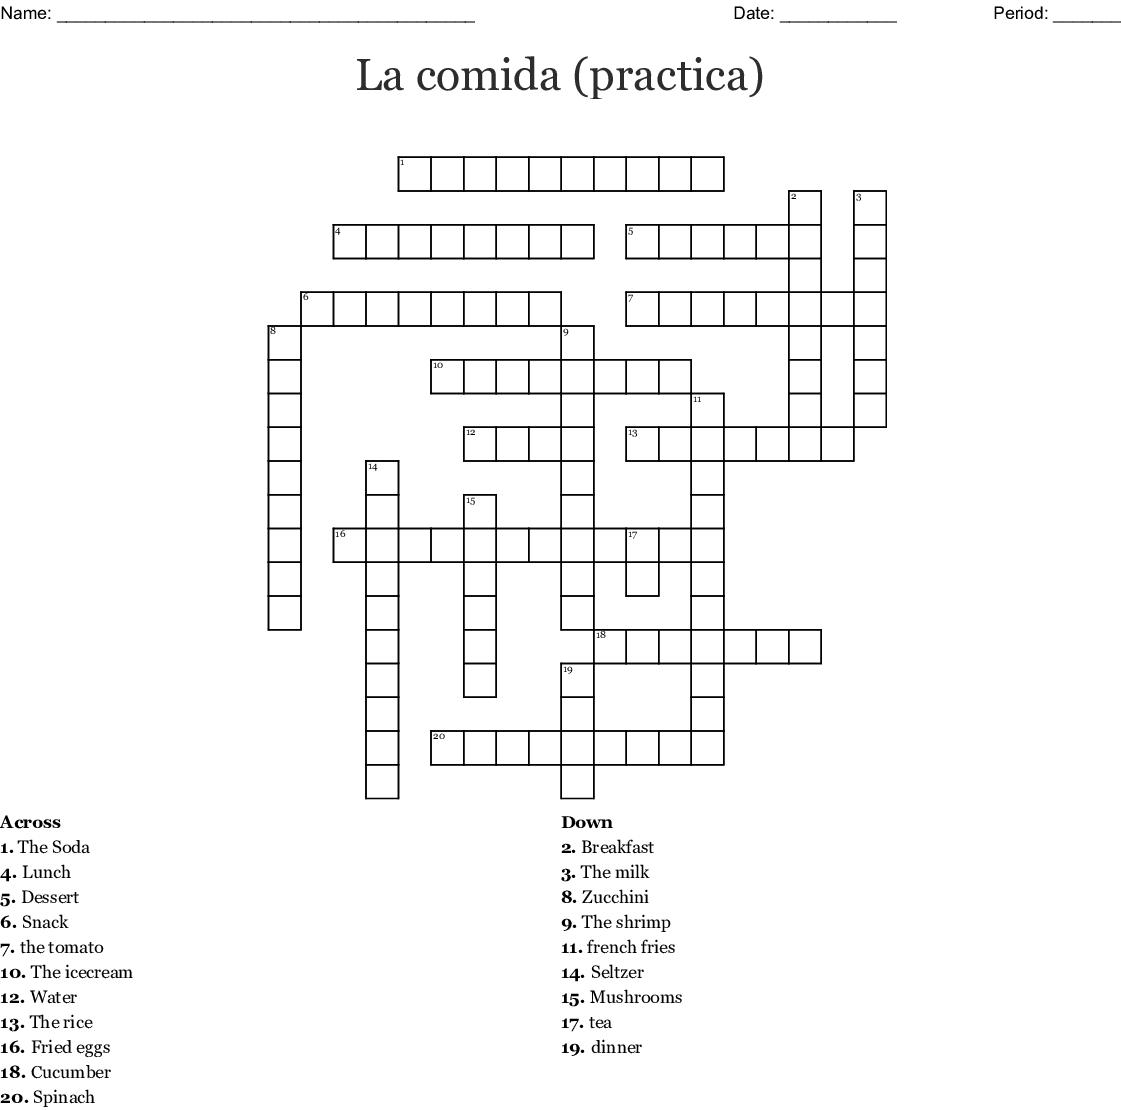 La Comida Practica Crossword